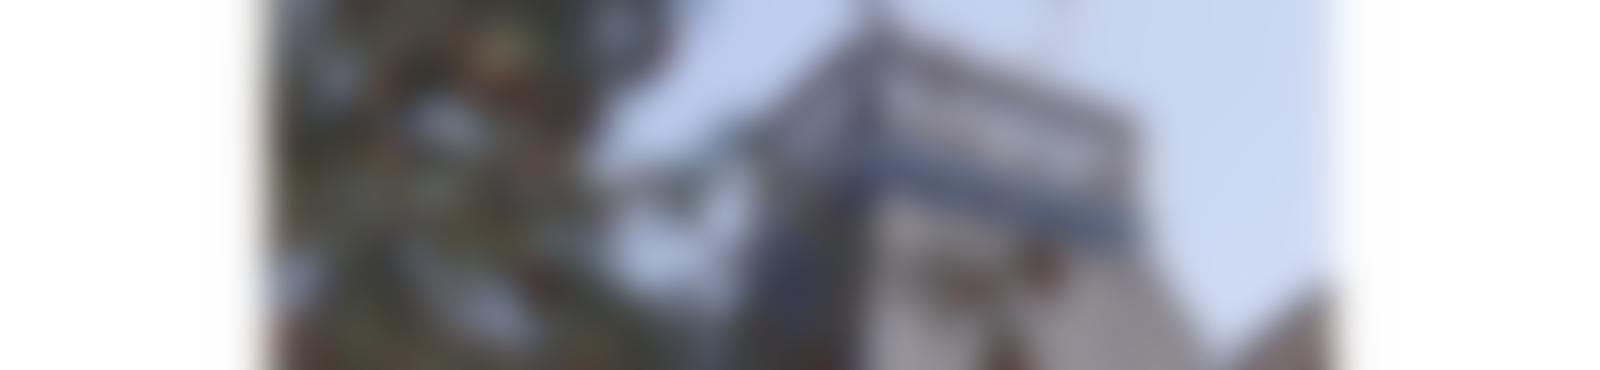 Blurred 29cf9625 1eb4 4f8c 9318 3d99e875a22a